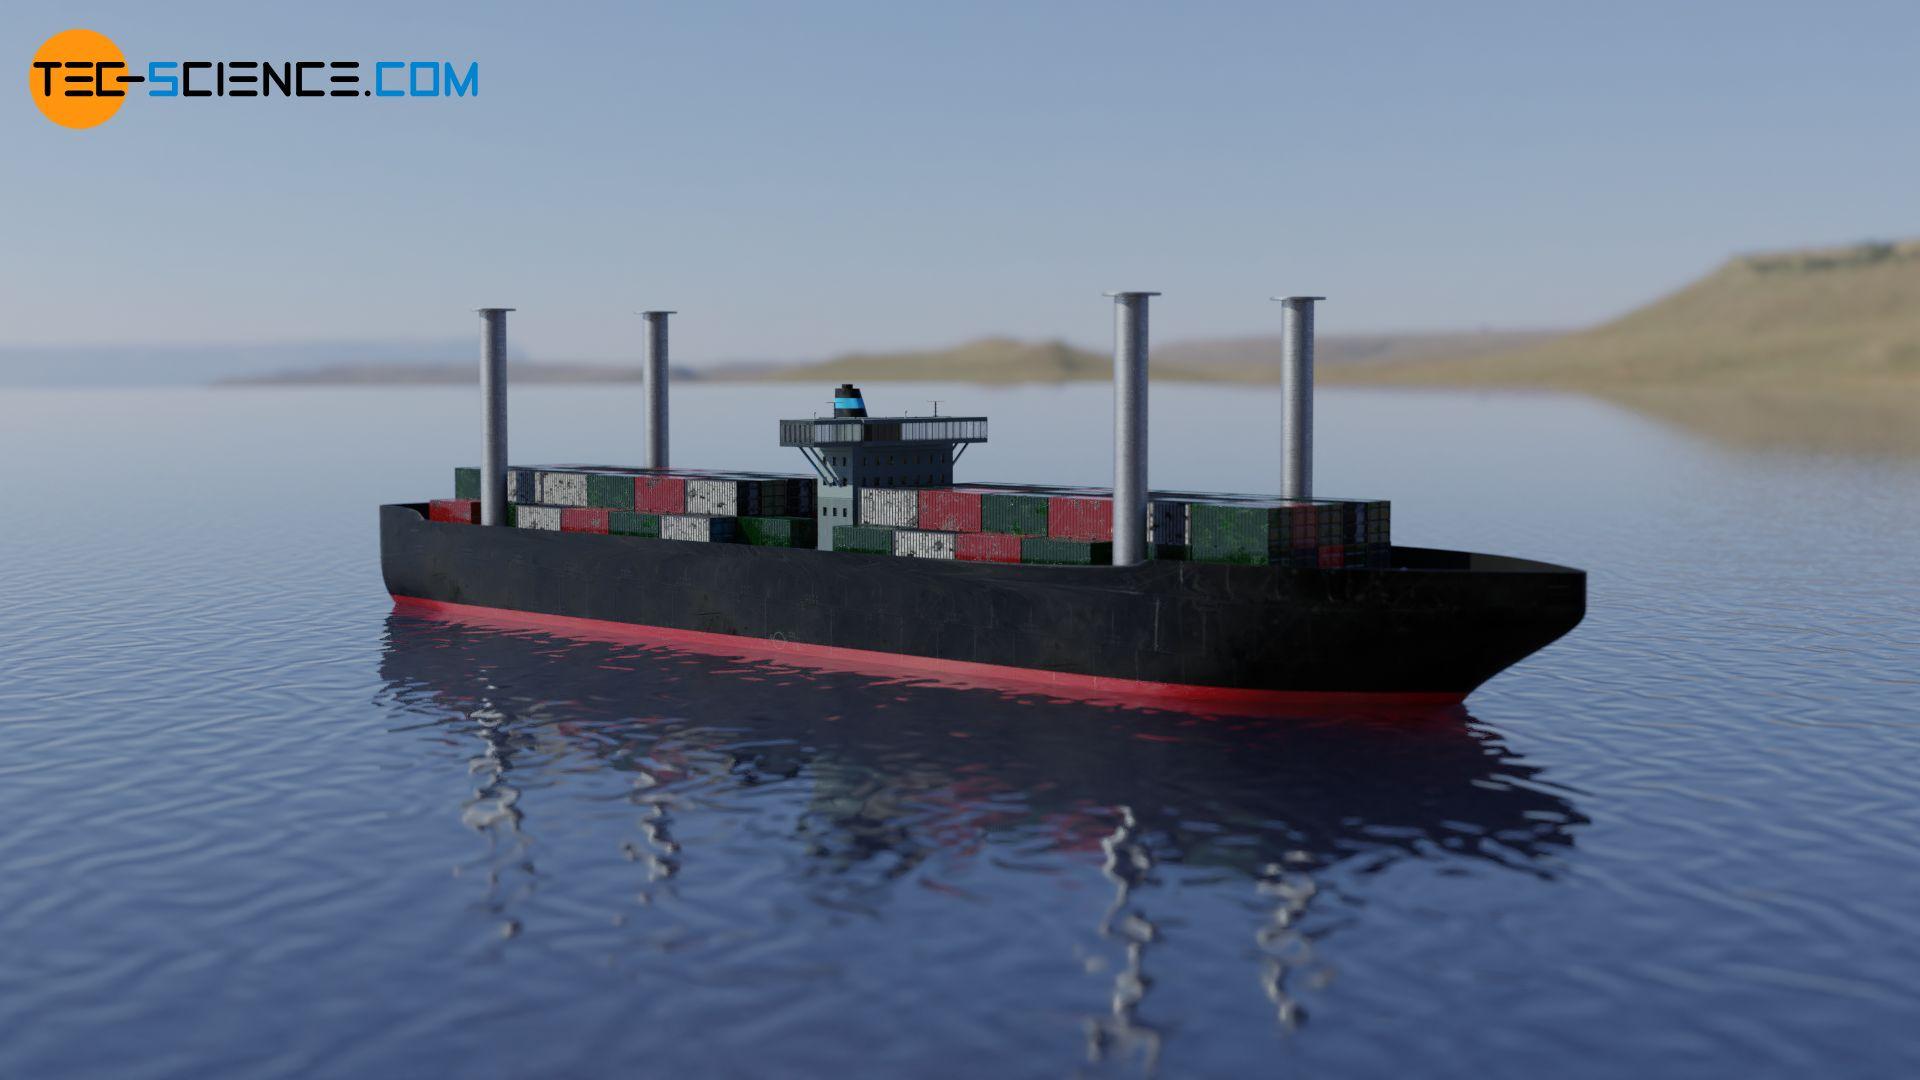 Flettner-Rotor an einem Schiff